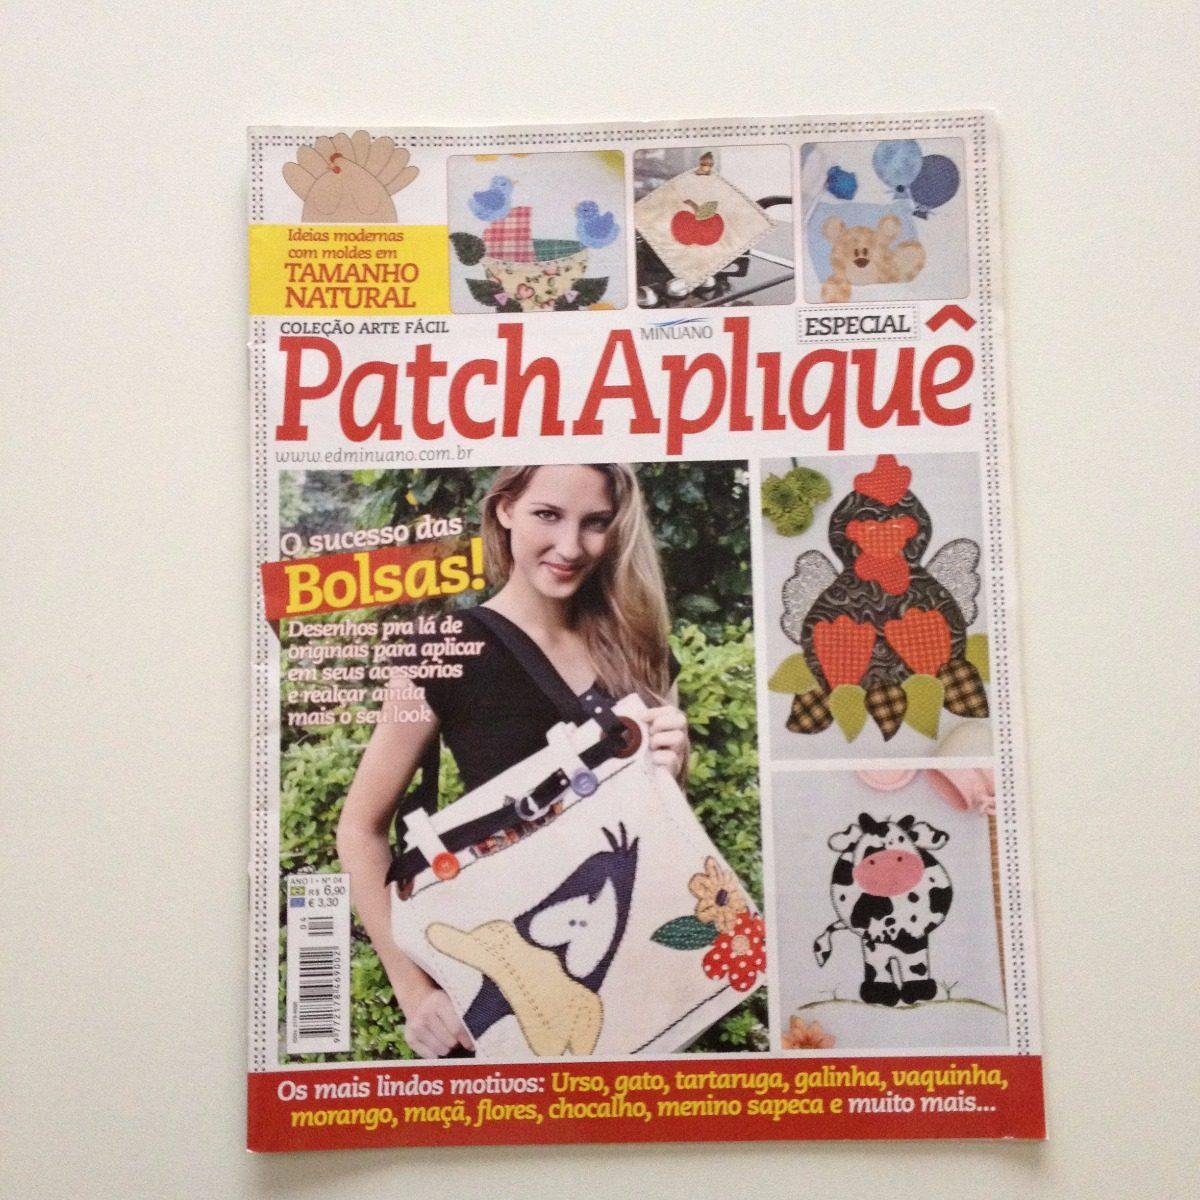 b7e6ce50b Revista Arte Fácil Patch Apliquê Bolsas N°04 - R  23